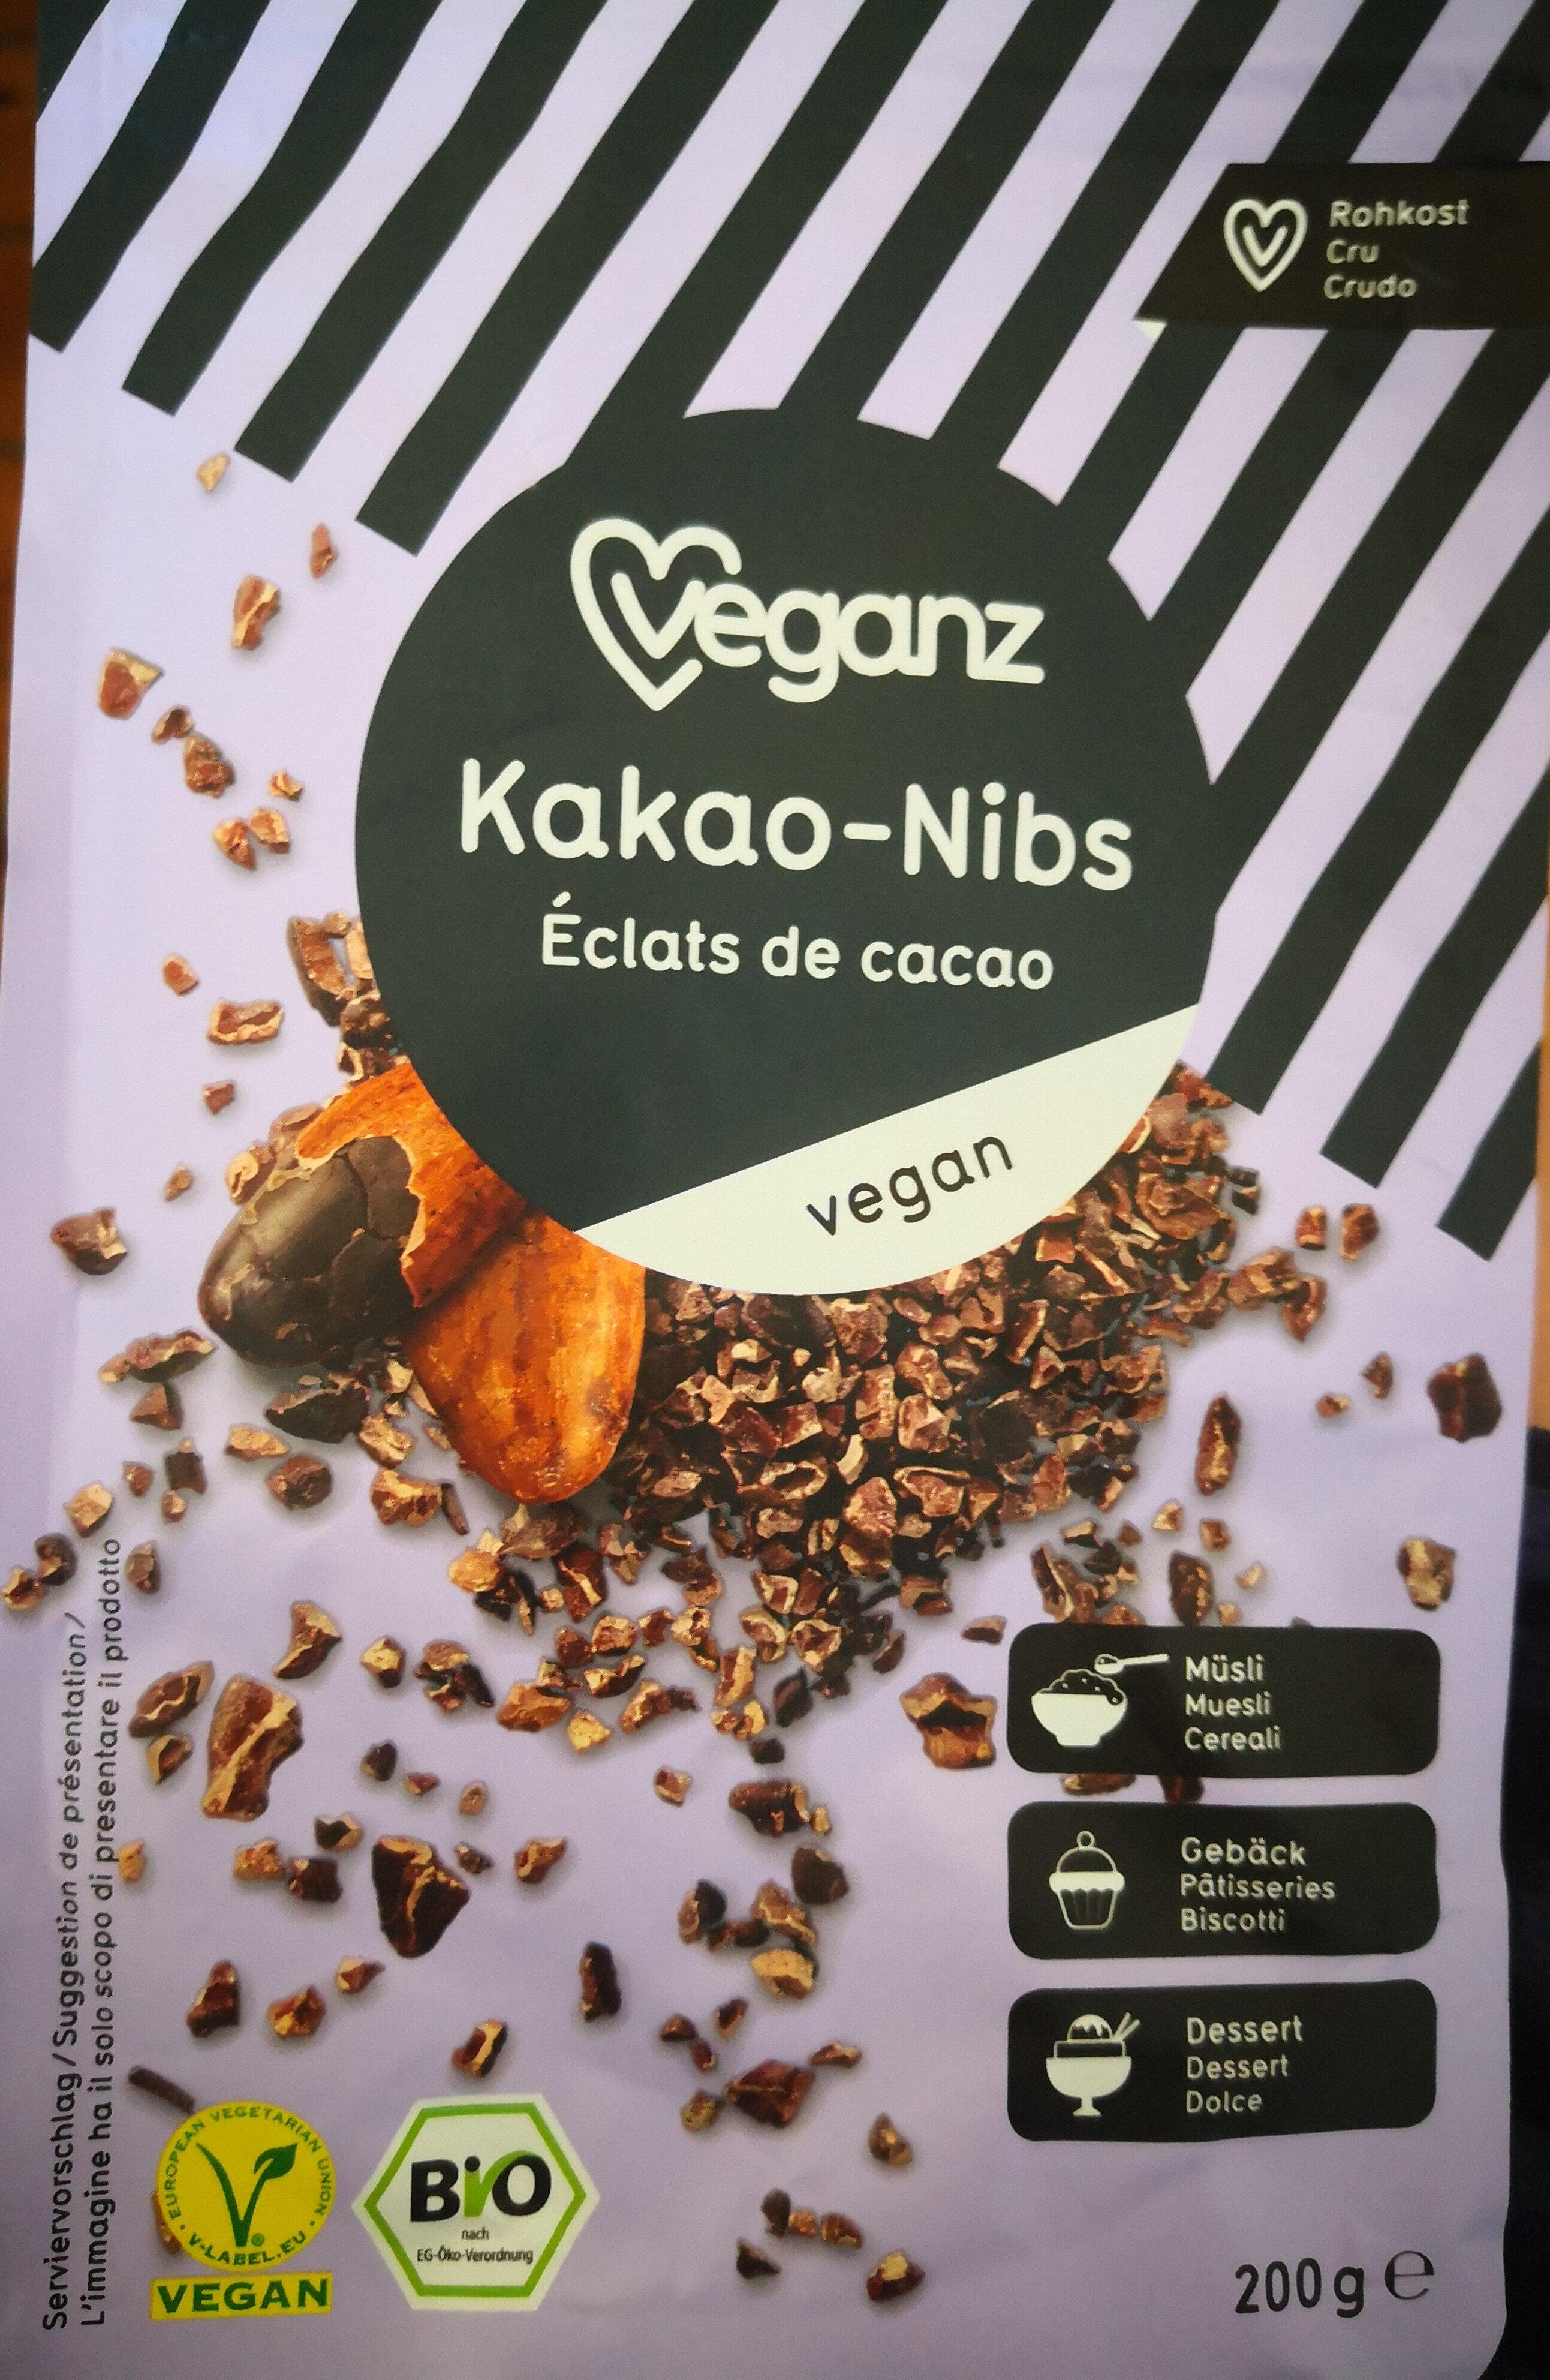 kakao-nips - Product - de